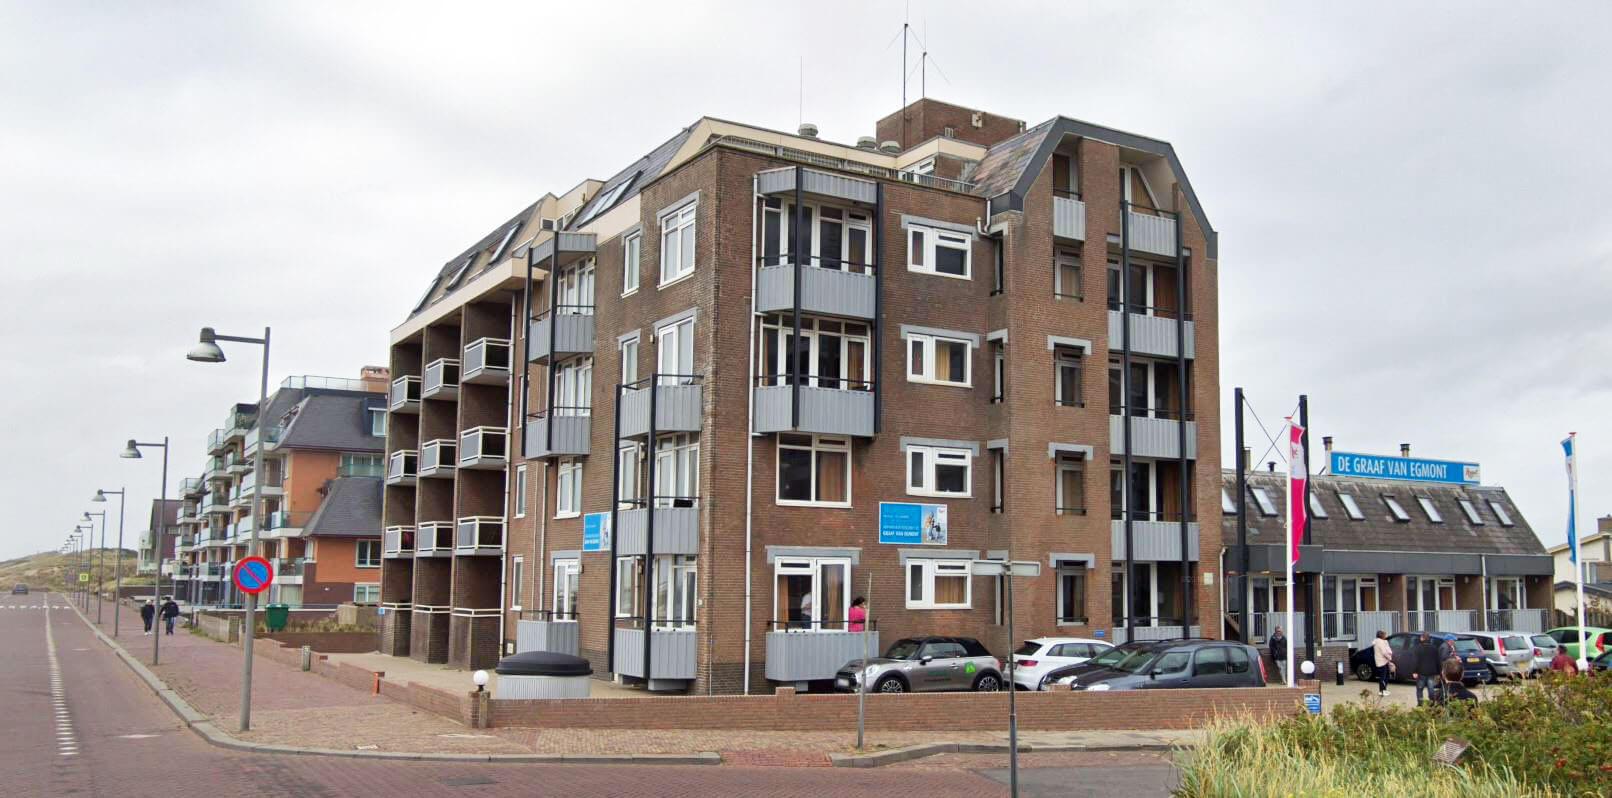 Oude-situatie-hotel-graaf-van-Egmond-voor-renovatie-uitbereiding